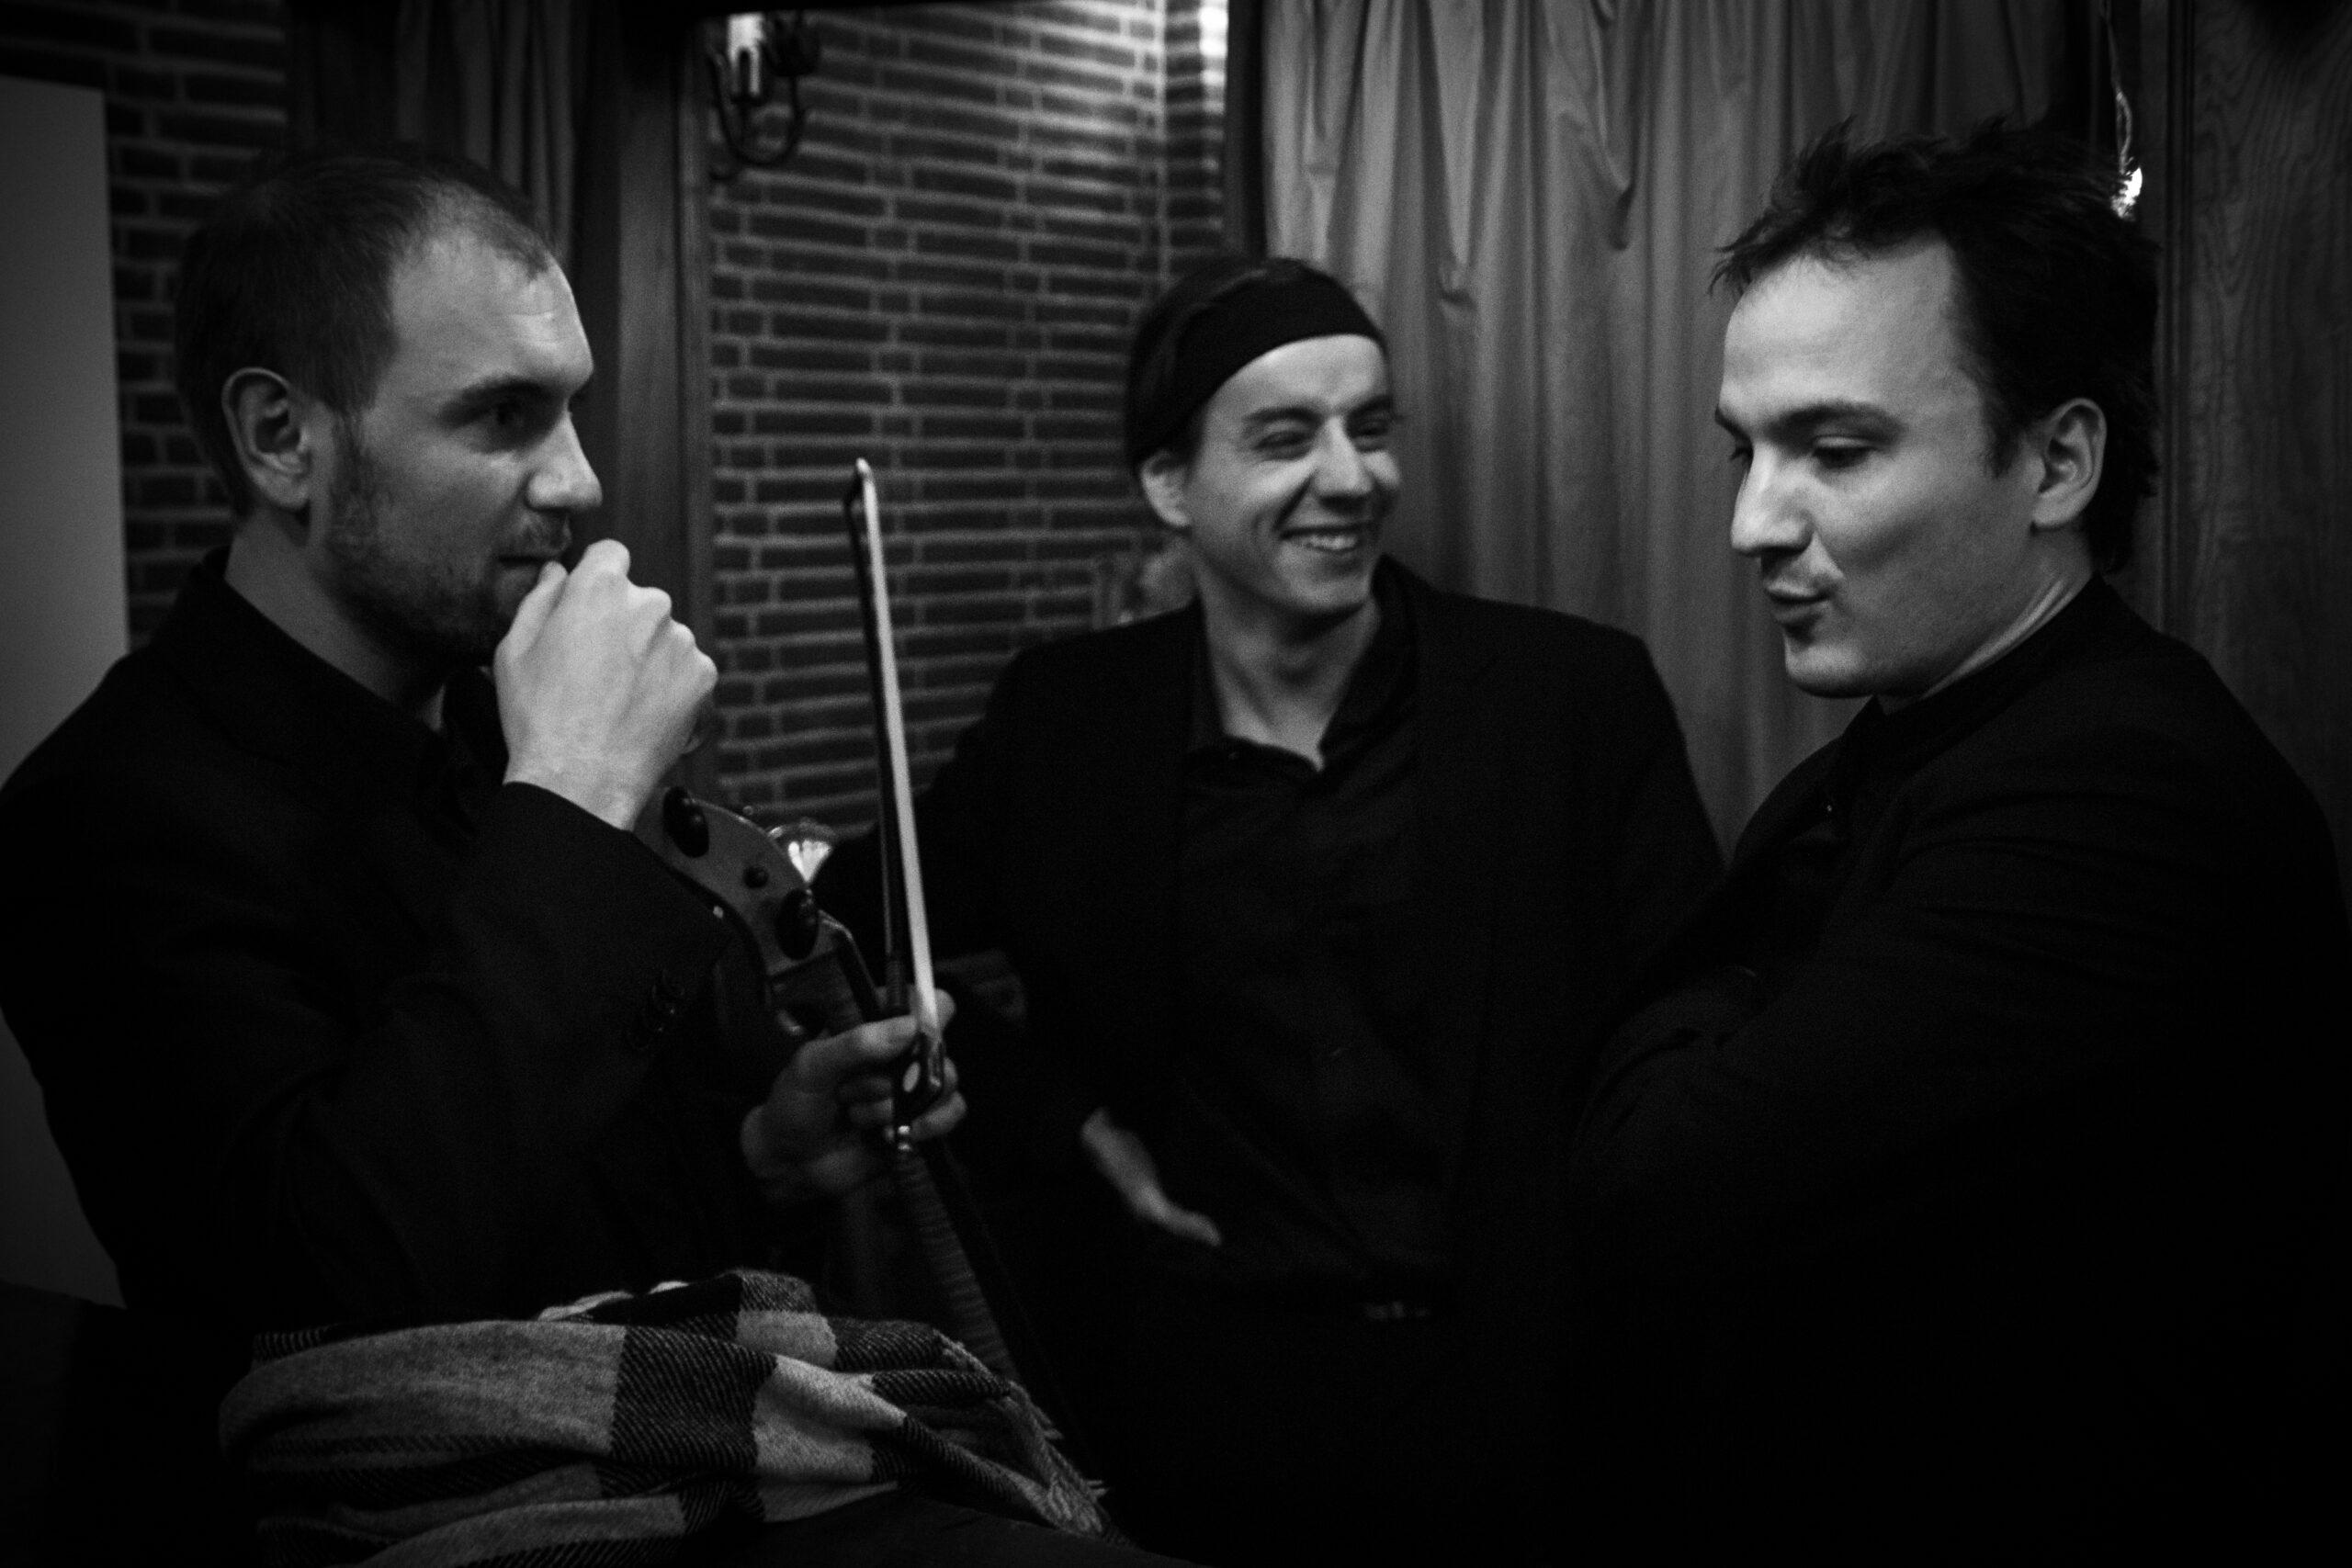 dimore quartetto spilliaert trio 2 (2)